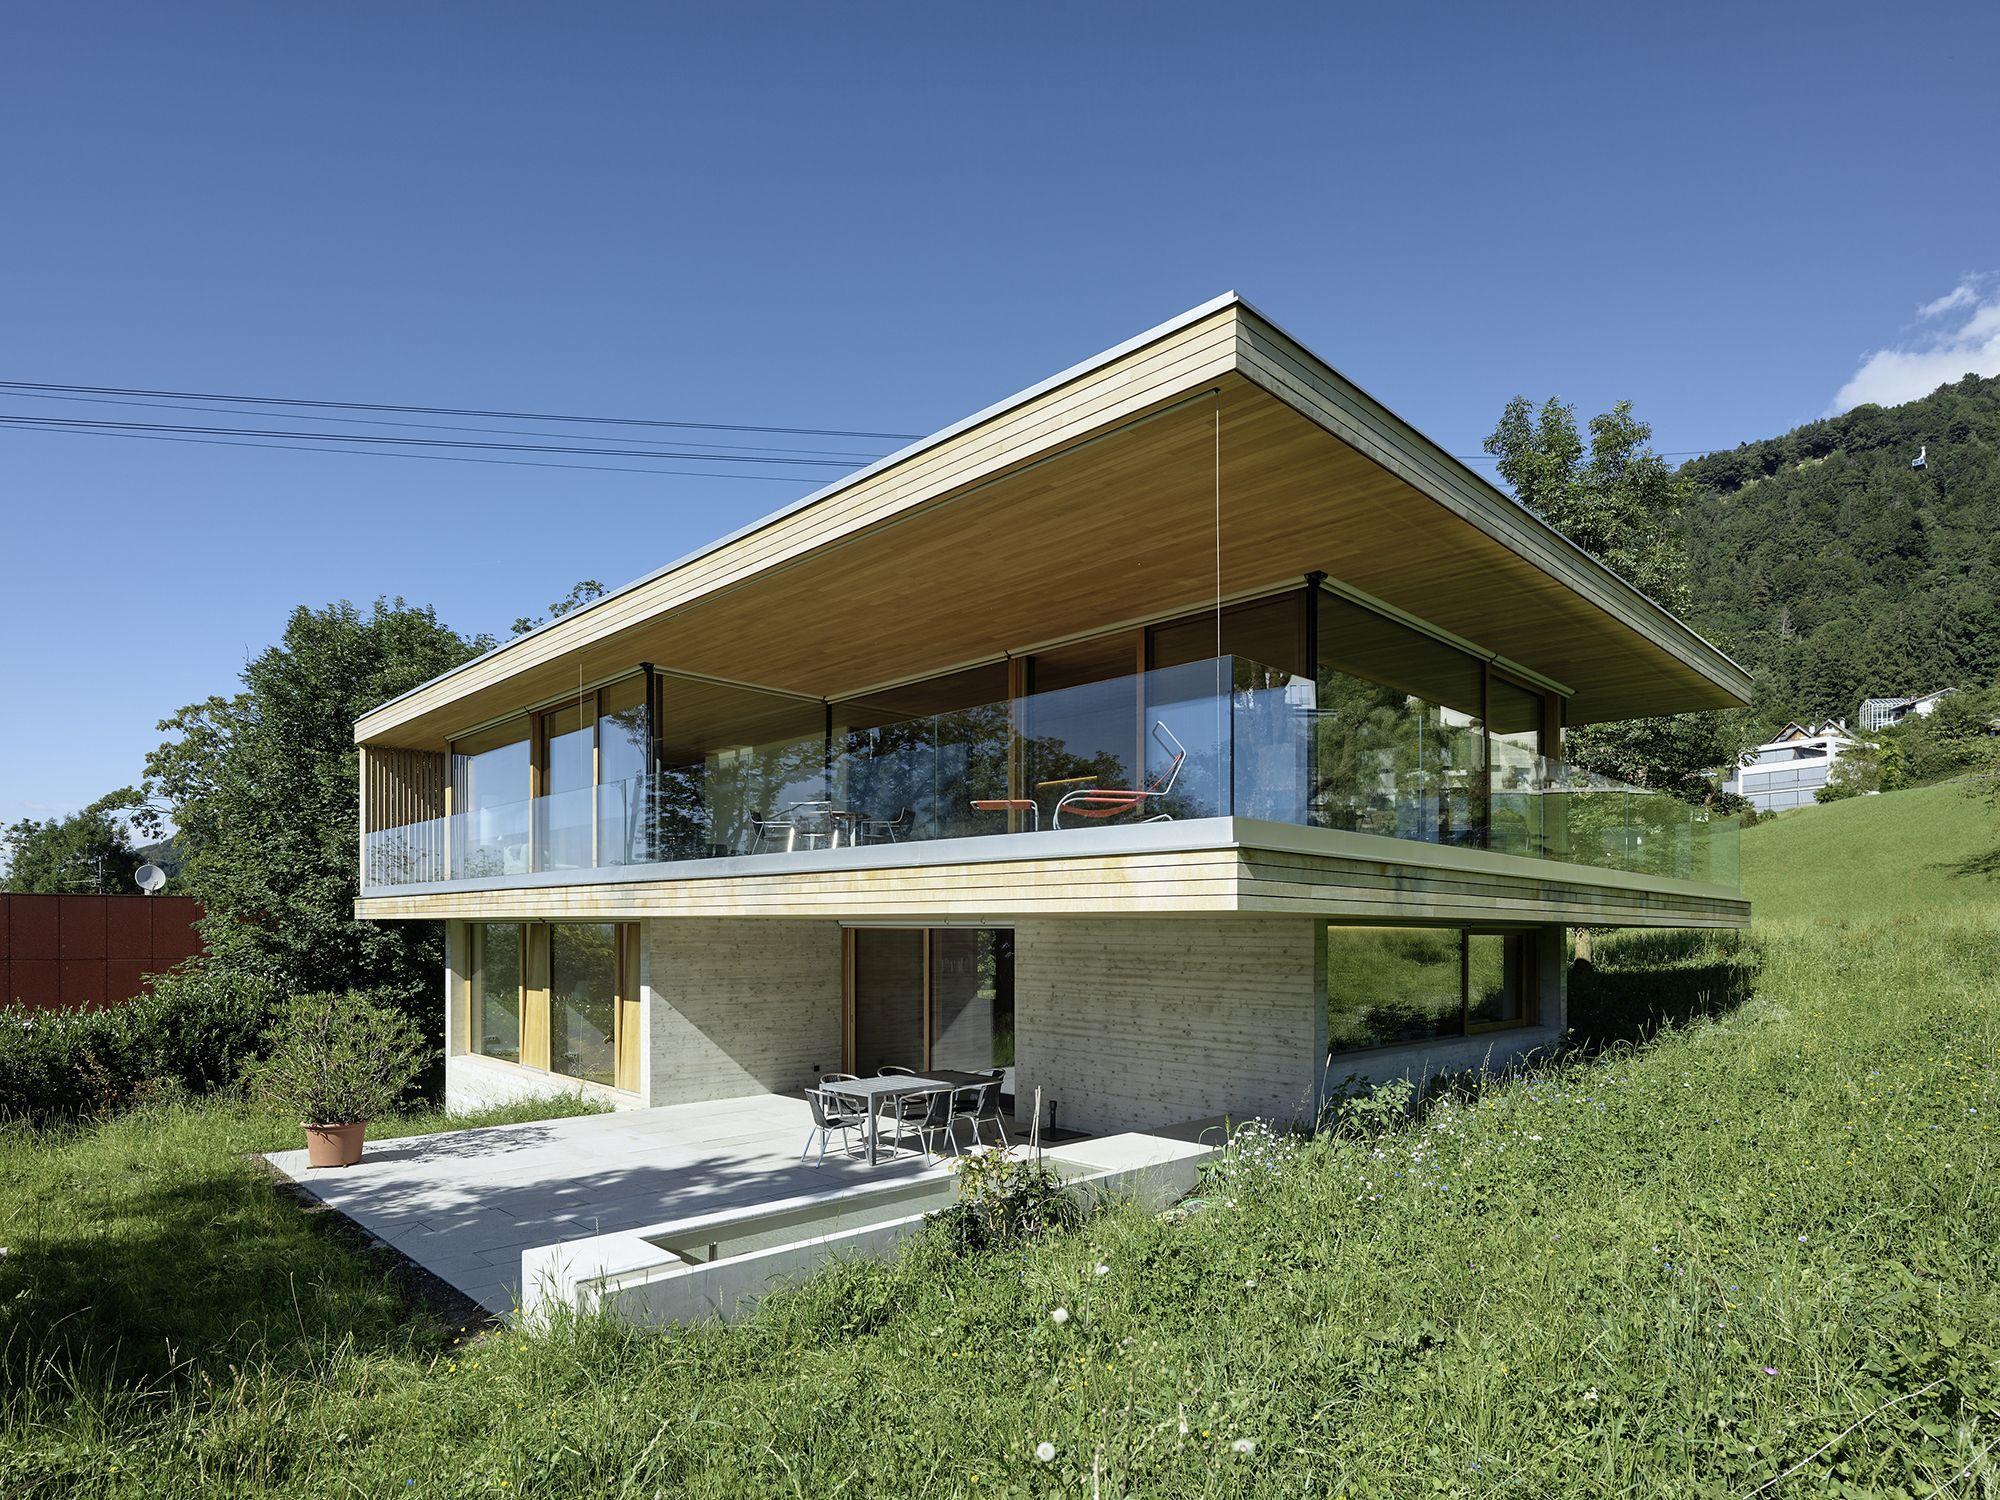 880 Haus D 005 C Bruno Klomfar e71423f3b3fb9a83